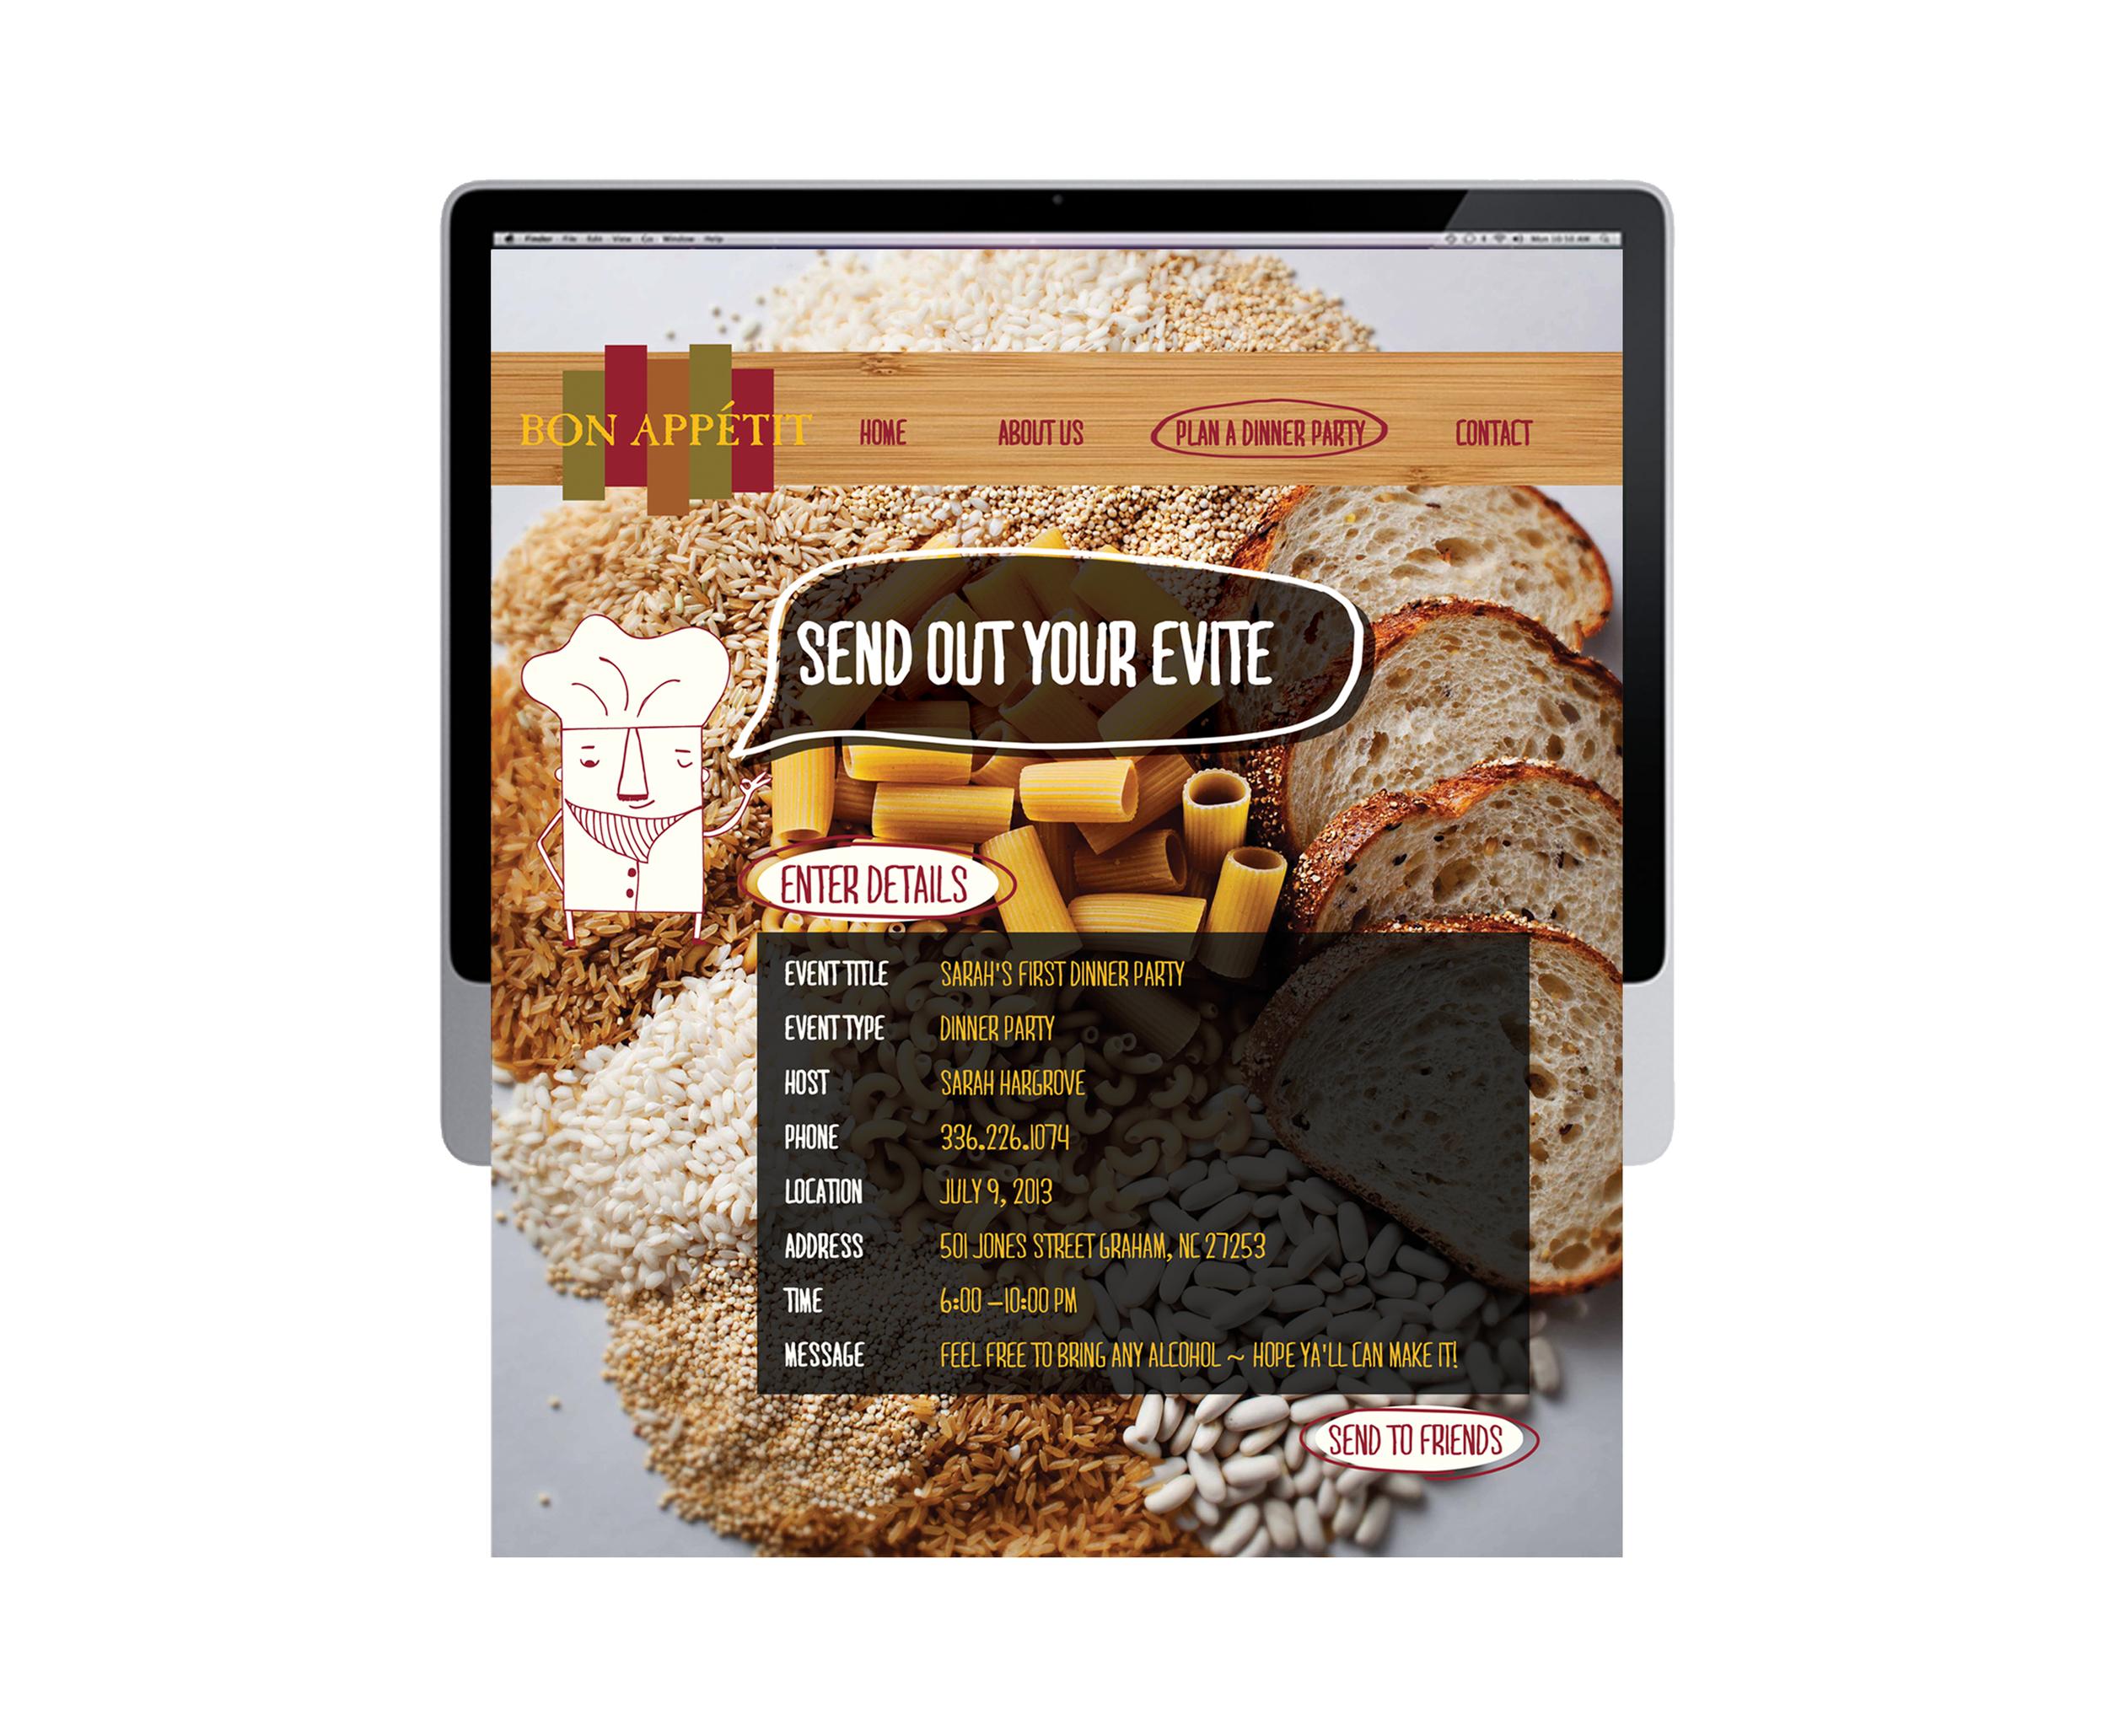 bon appetit website-3.jpg